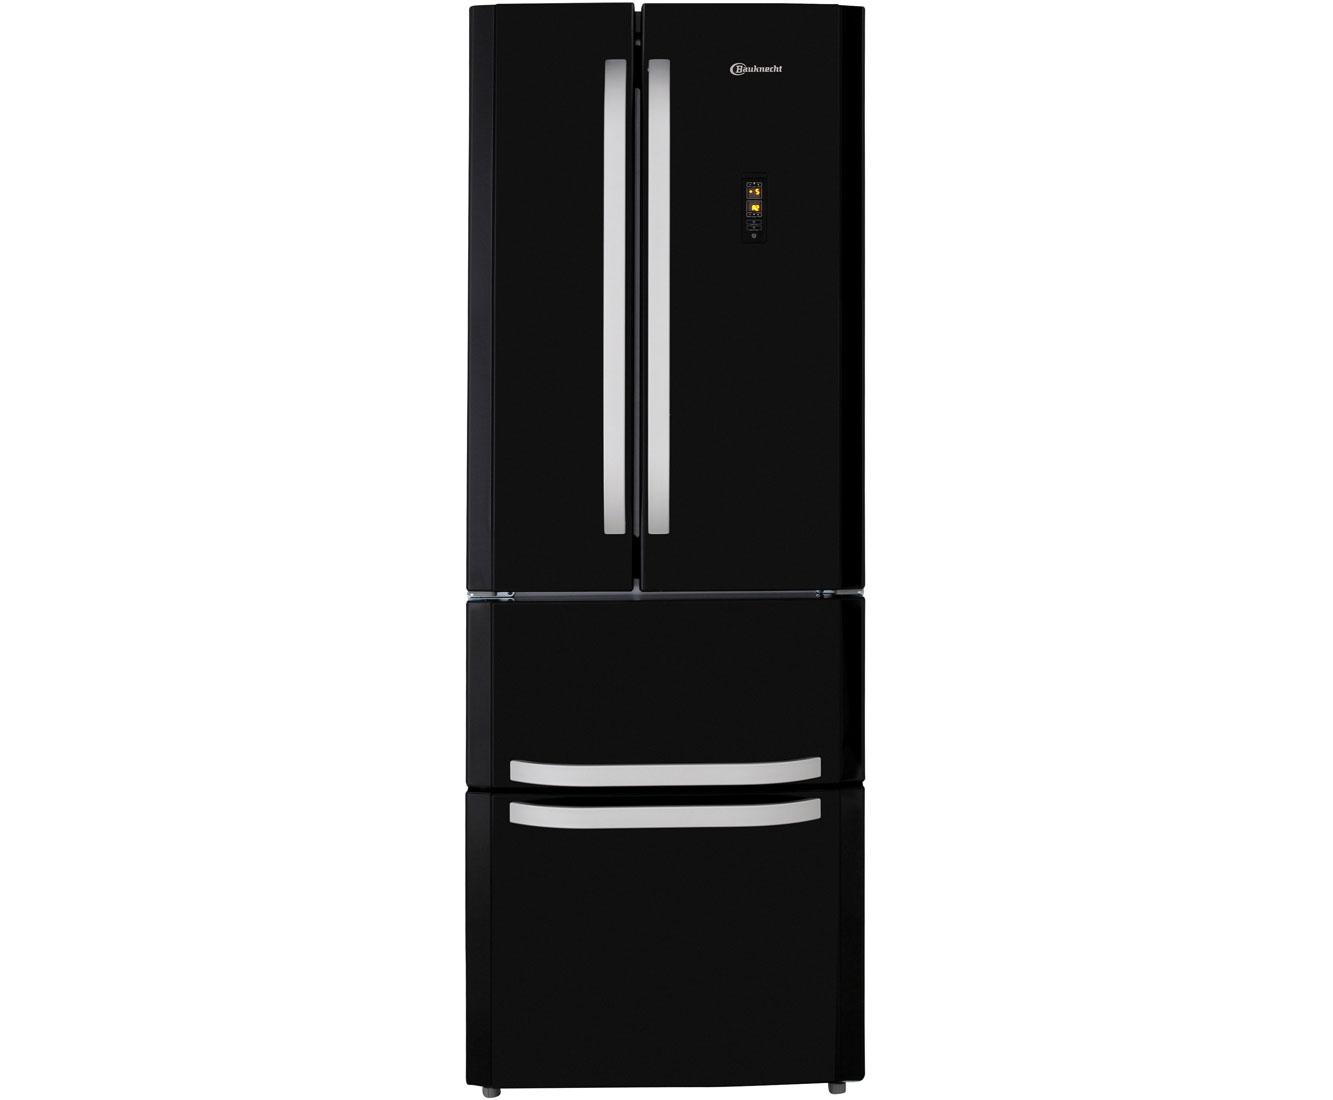 Side By Side Kühlschrank Rot : Side by side kühlschrank kaufen side by side kühlschrank